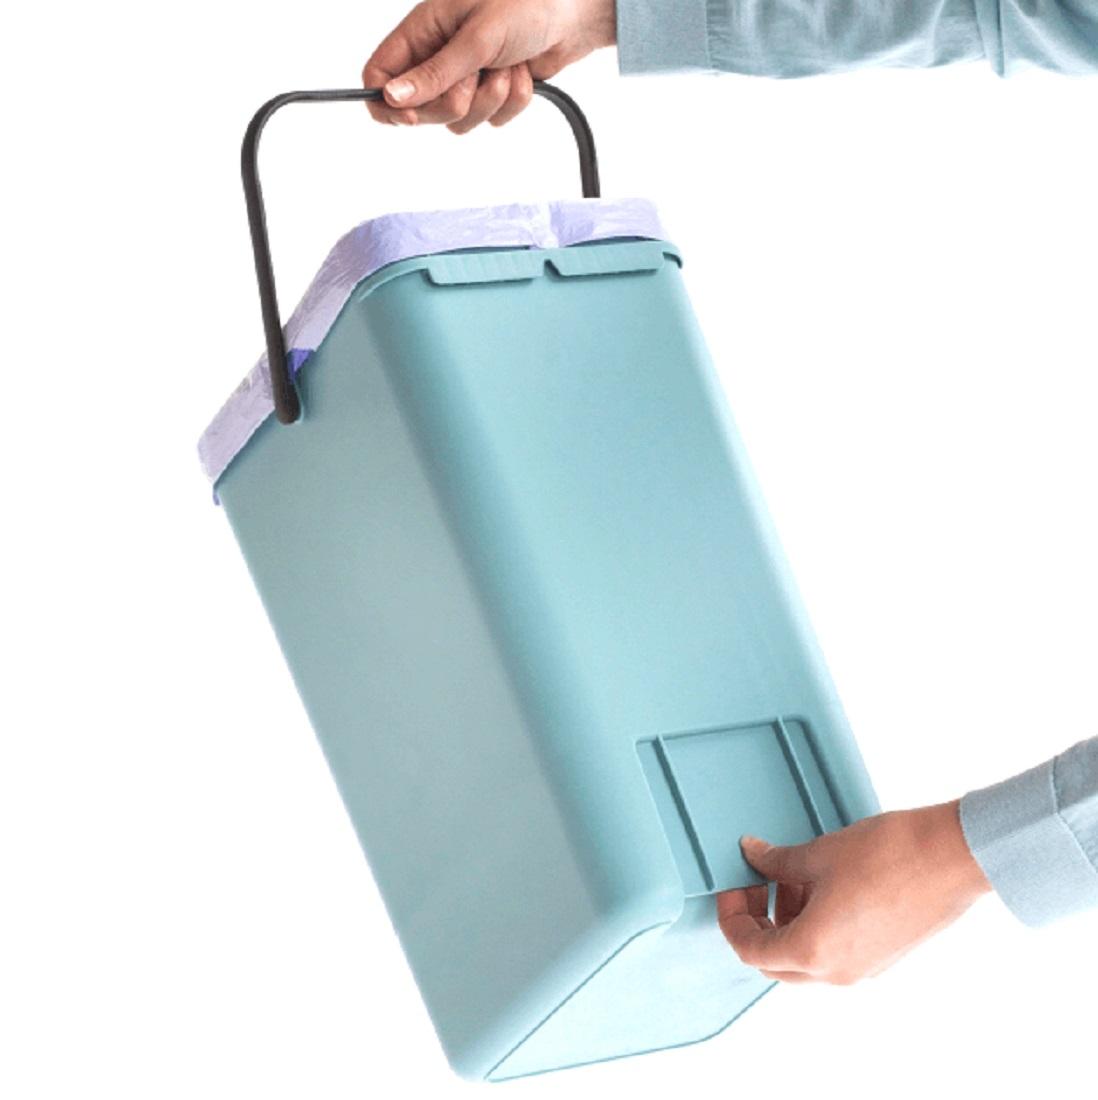 Ведро для мусора Sort&Go Brabantia, объем 12 л, мятный Brabantia 109744 фото 1